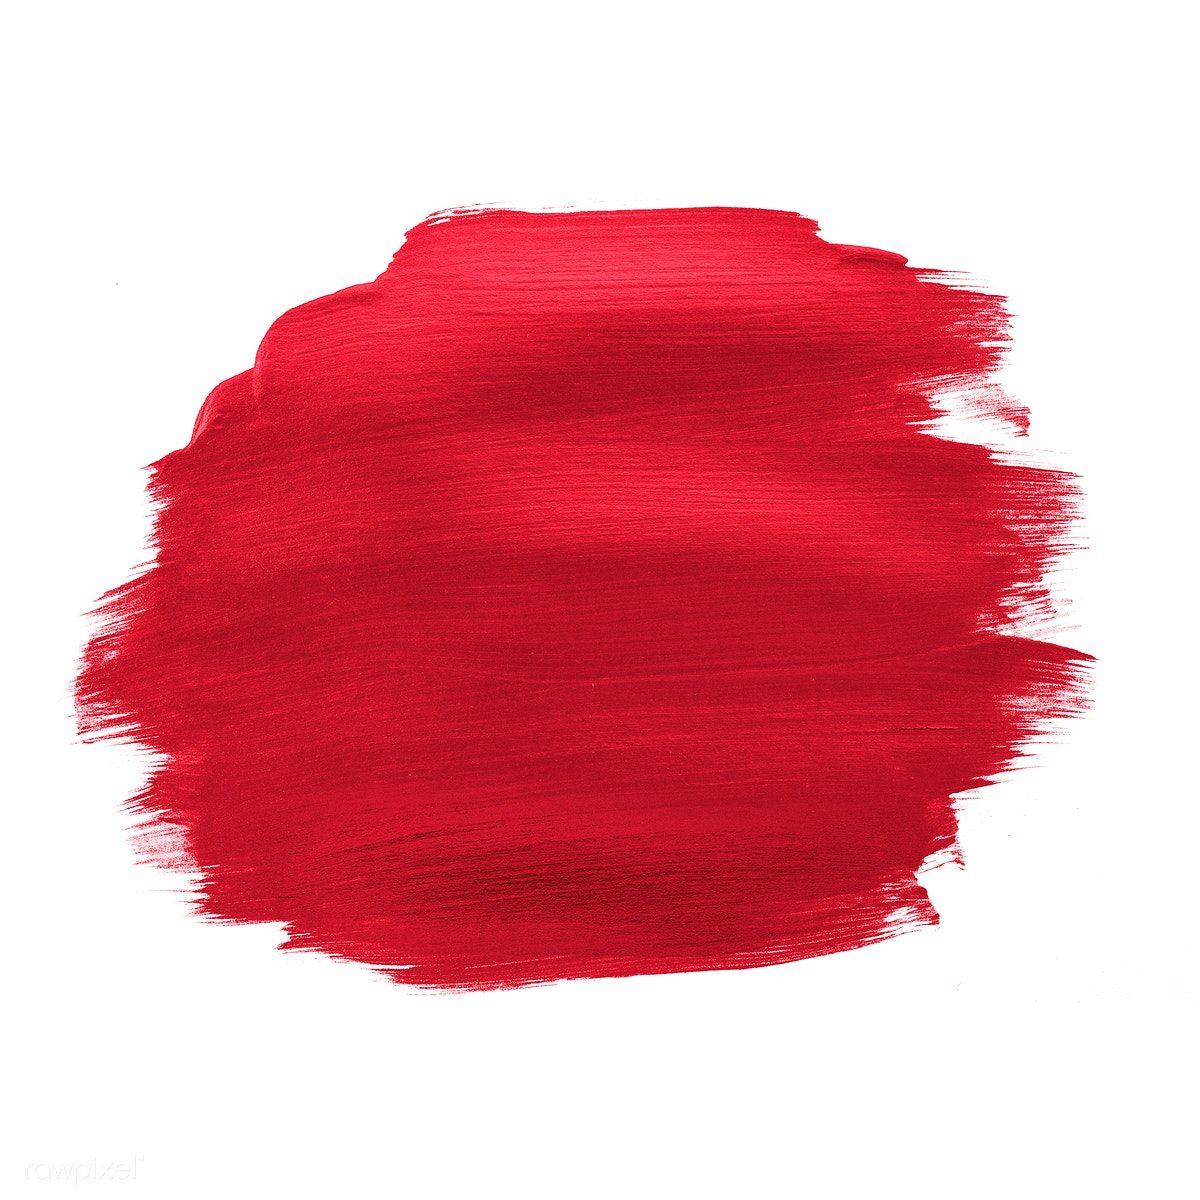 Download Premium Psd Of Festive Shimmery Red Brush Stroke 552735 Brush Background Brush Strokes Brush Strokes Pattern